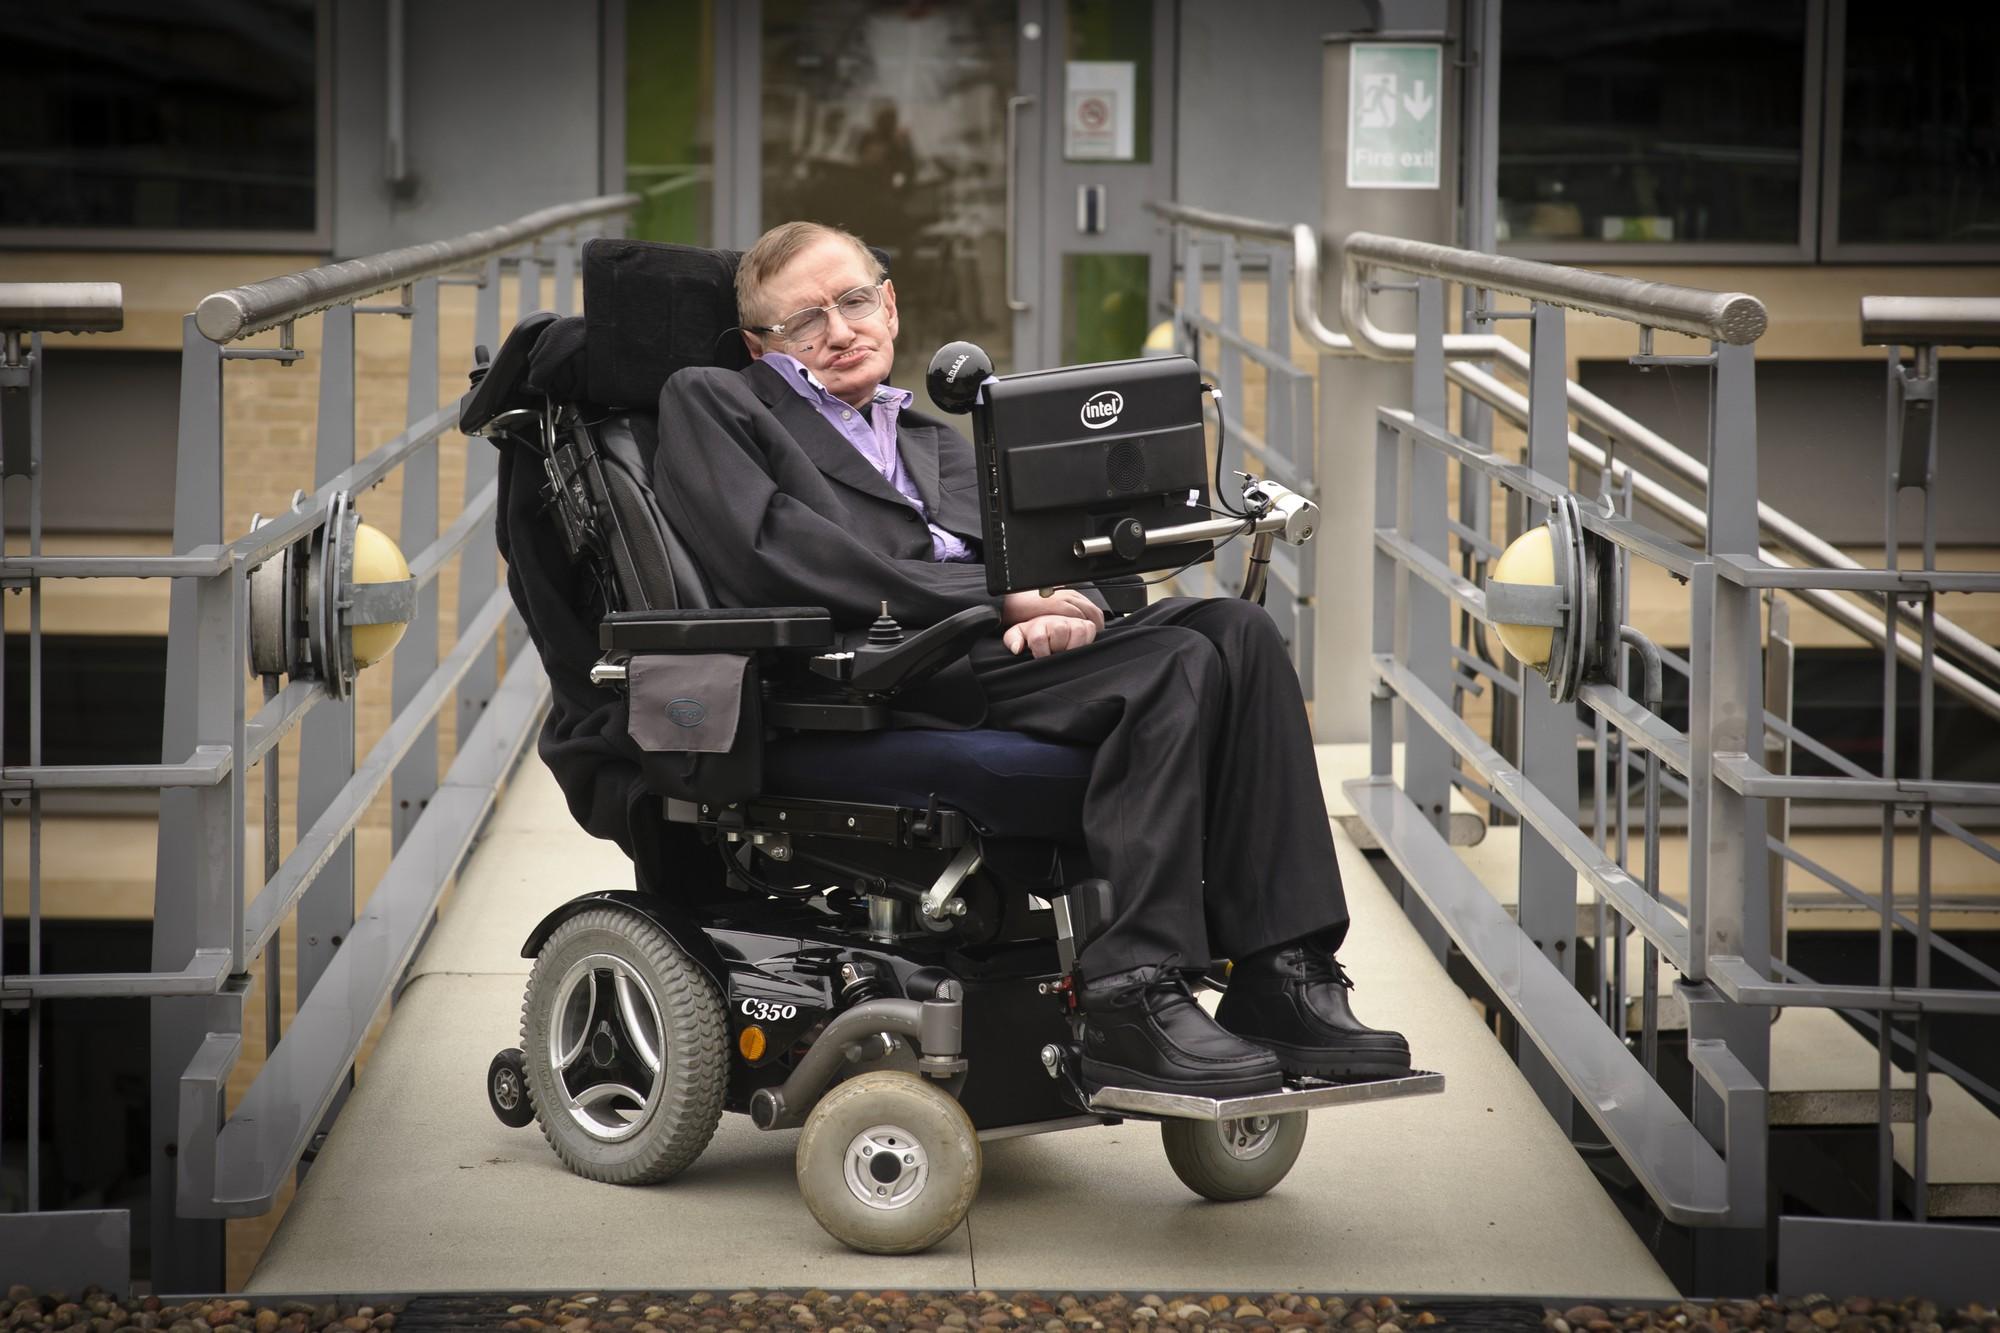 Những câu chuyện phi thường trên con đường học vấn của vị giáo sư vĩ đại Stephen Hawking - Ảnh 2.